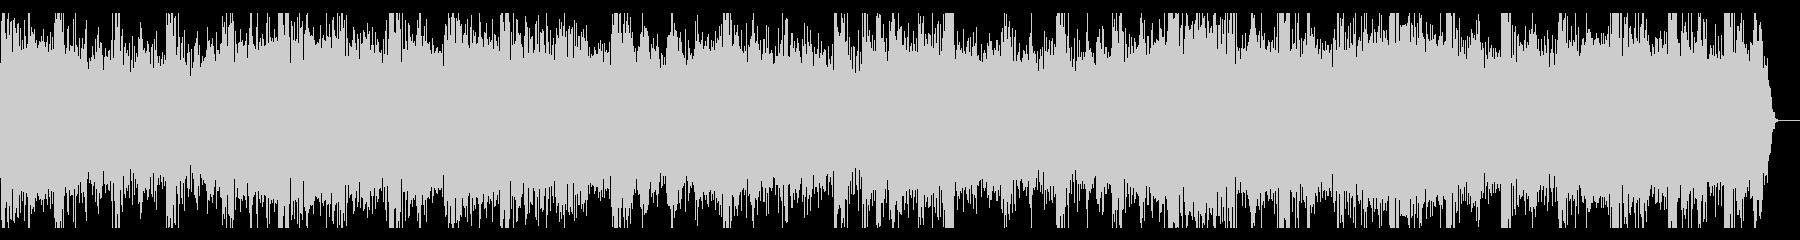 明るい曲調のジングル(14秒)の未再生の波形